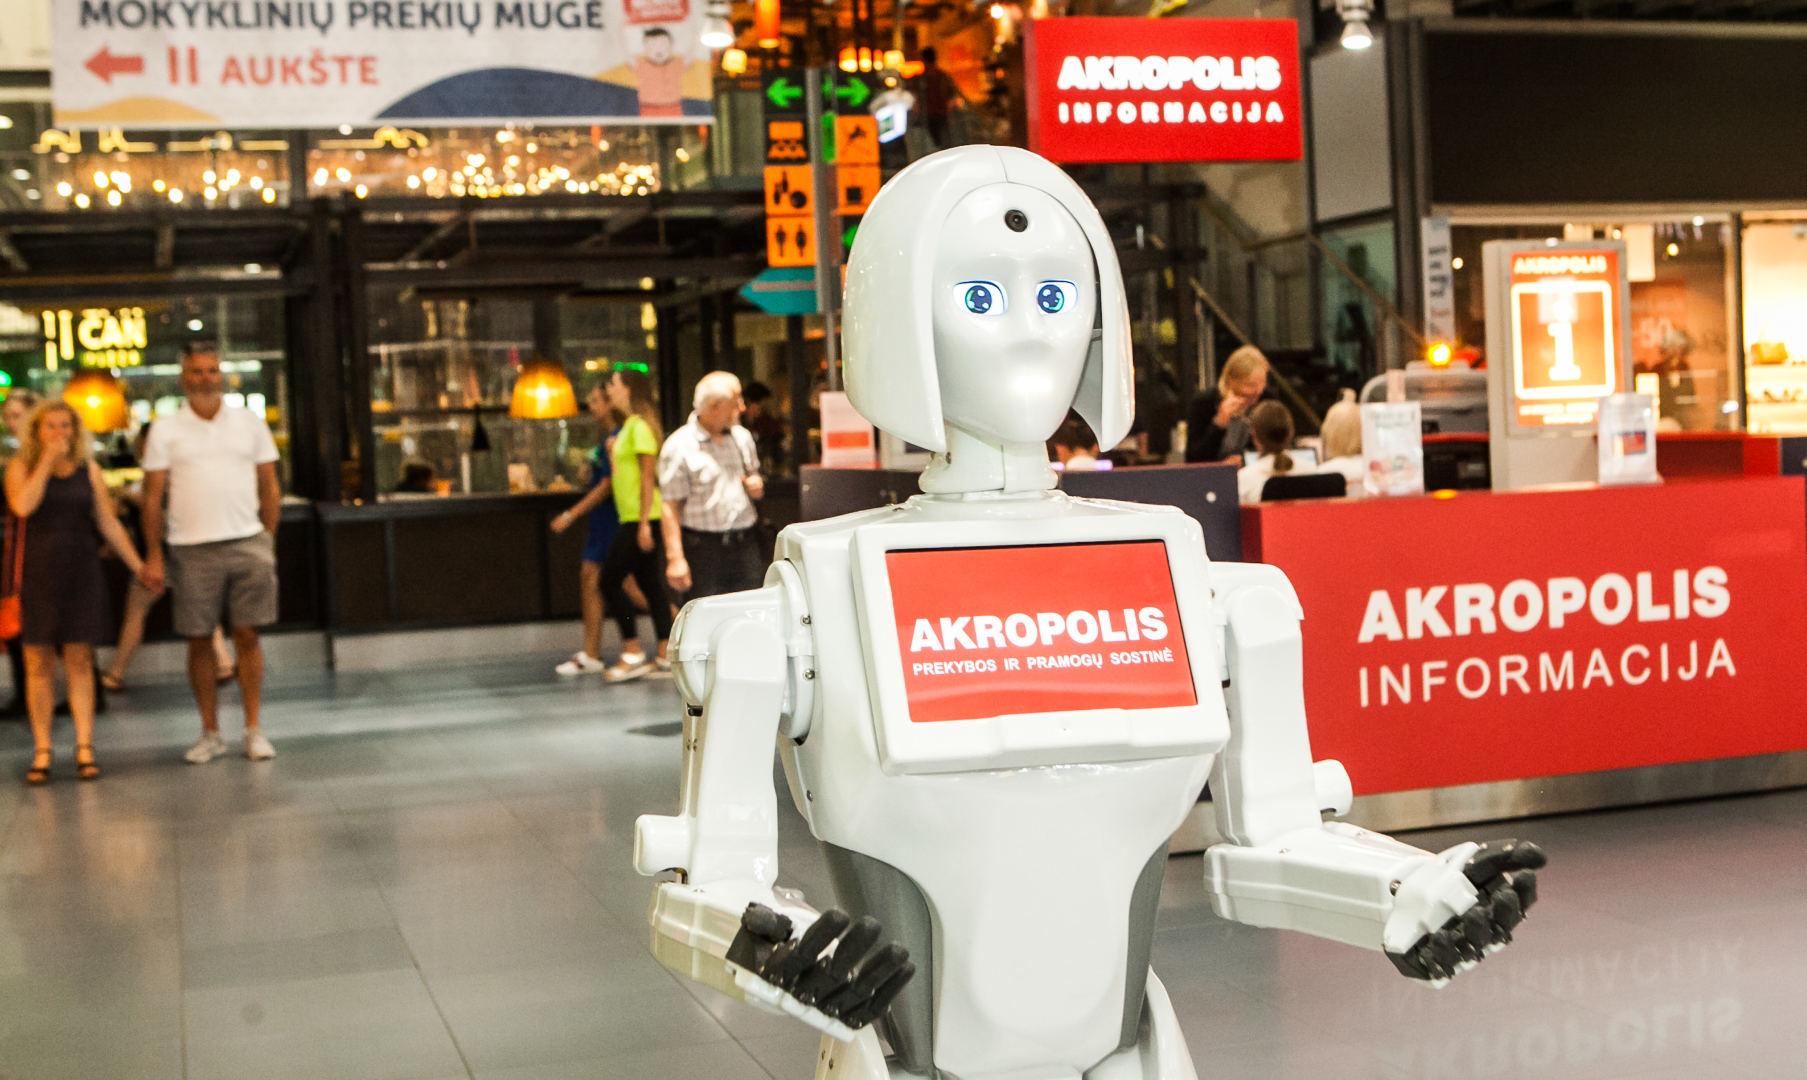 cb prekybos robotų apžvalgos)